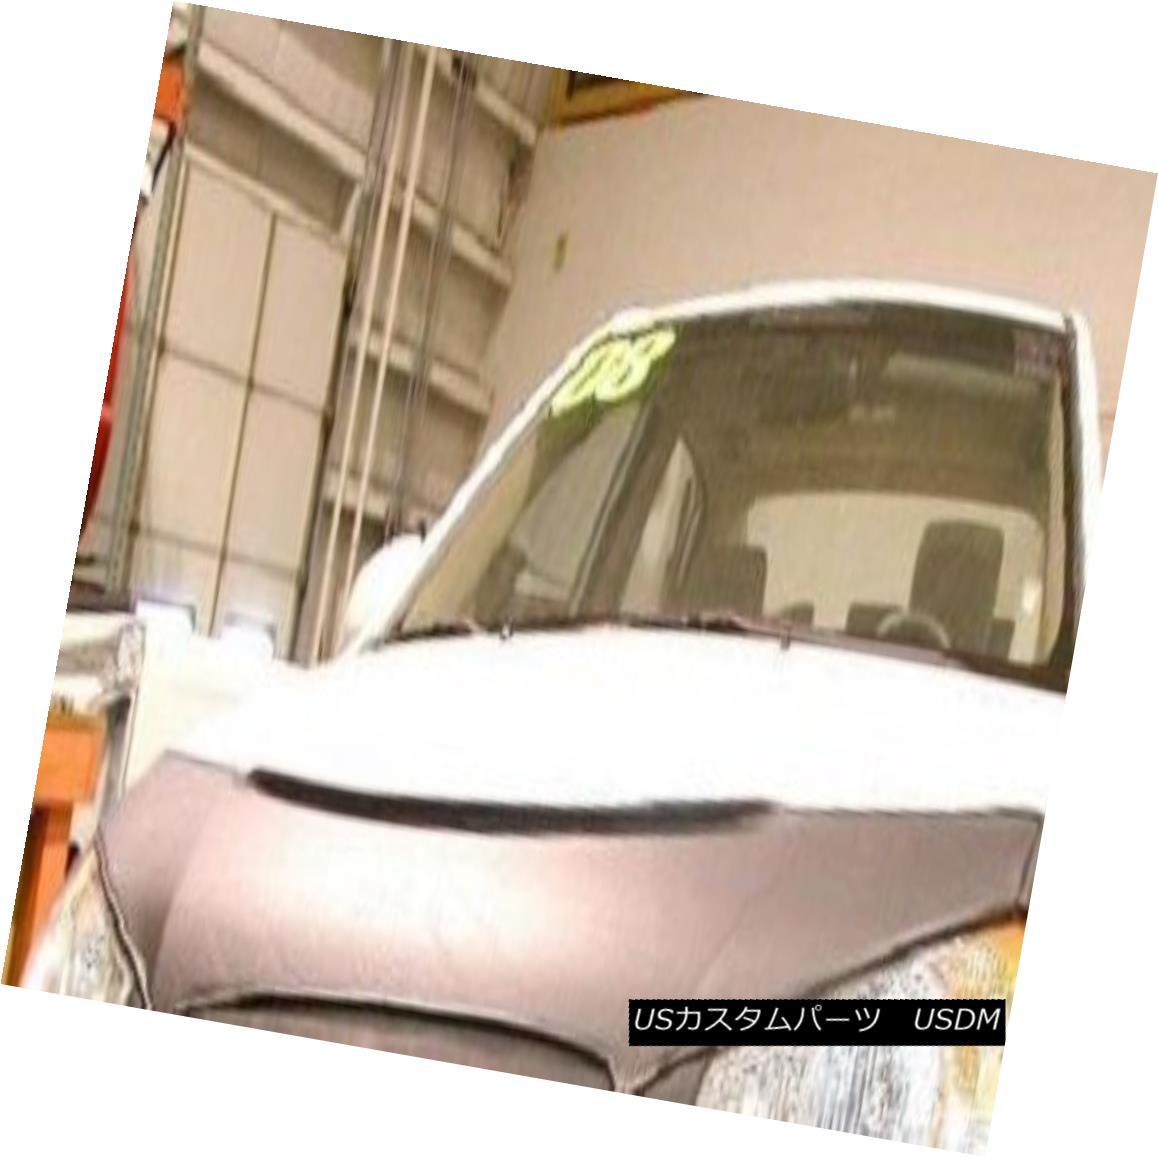 フルブラ ノーズブラ Lebra Hood Protector Mini Mask Bra Fits 2007-2010 Hyundai Elantra Lebraフードプロテクターミニマスクブラは2007-2010年に適合Hyundai Elantra